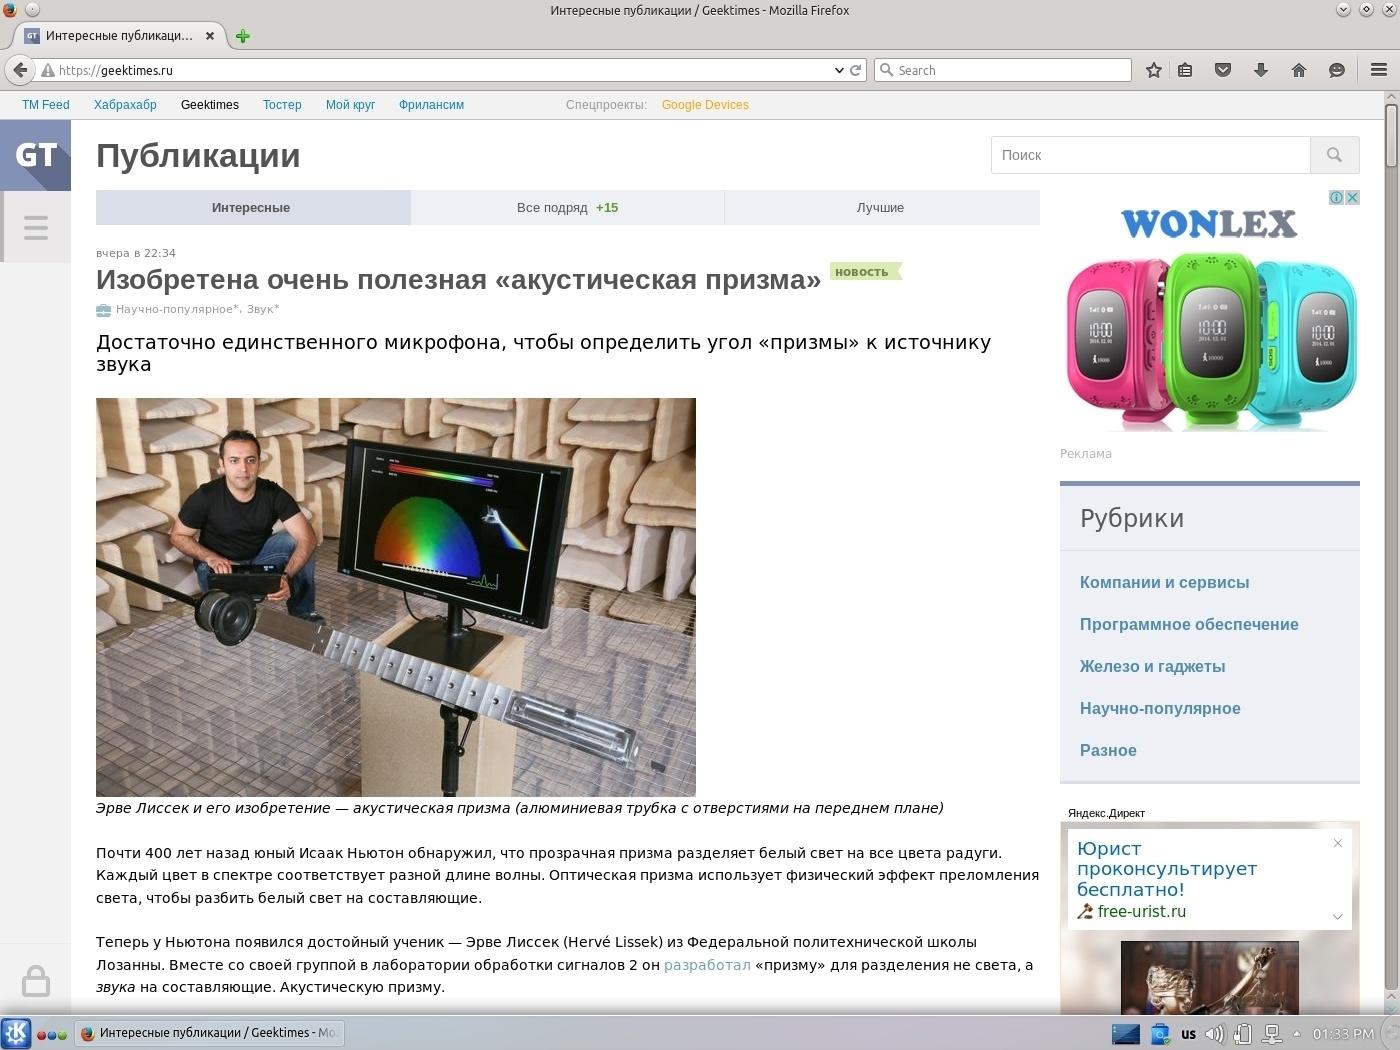 Эксперименты над ноутбуком iRU Brava-4215COMBO, выпущенным в 2004 году (Часть 2) - 20